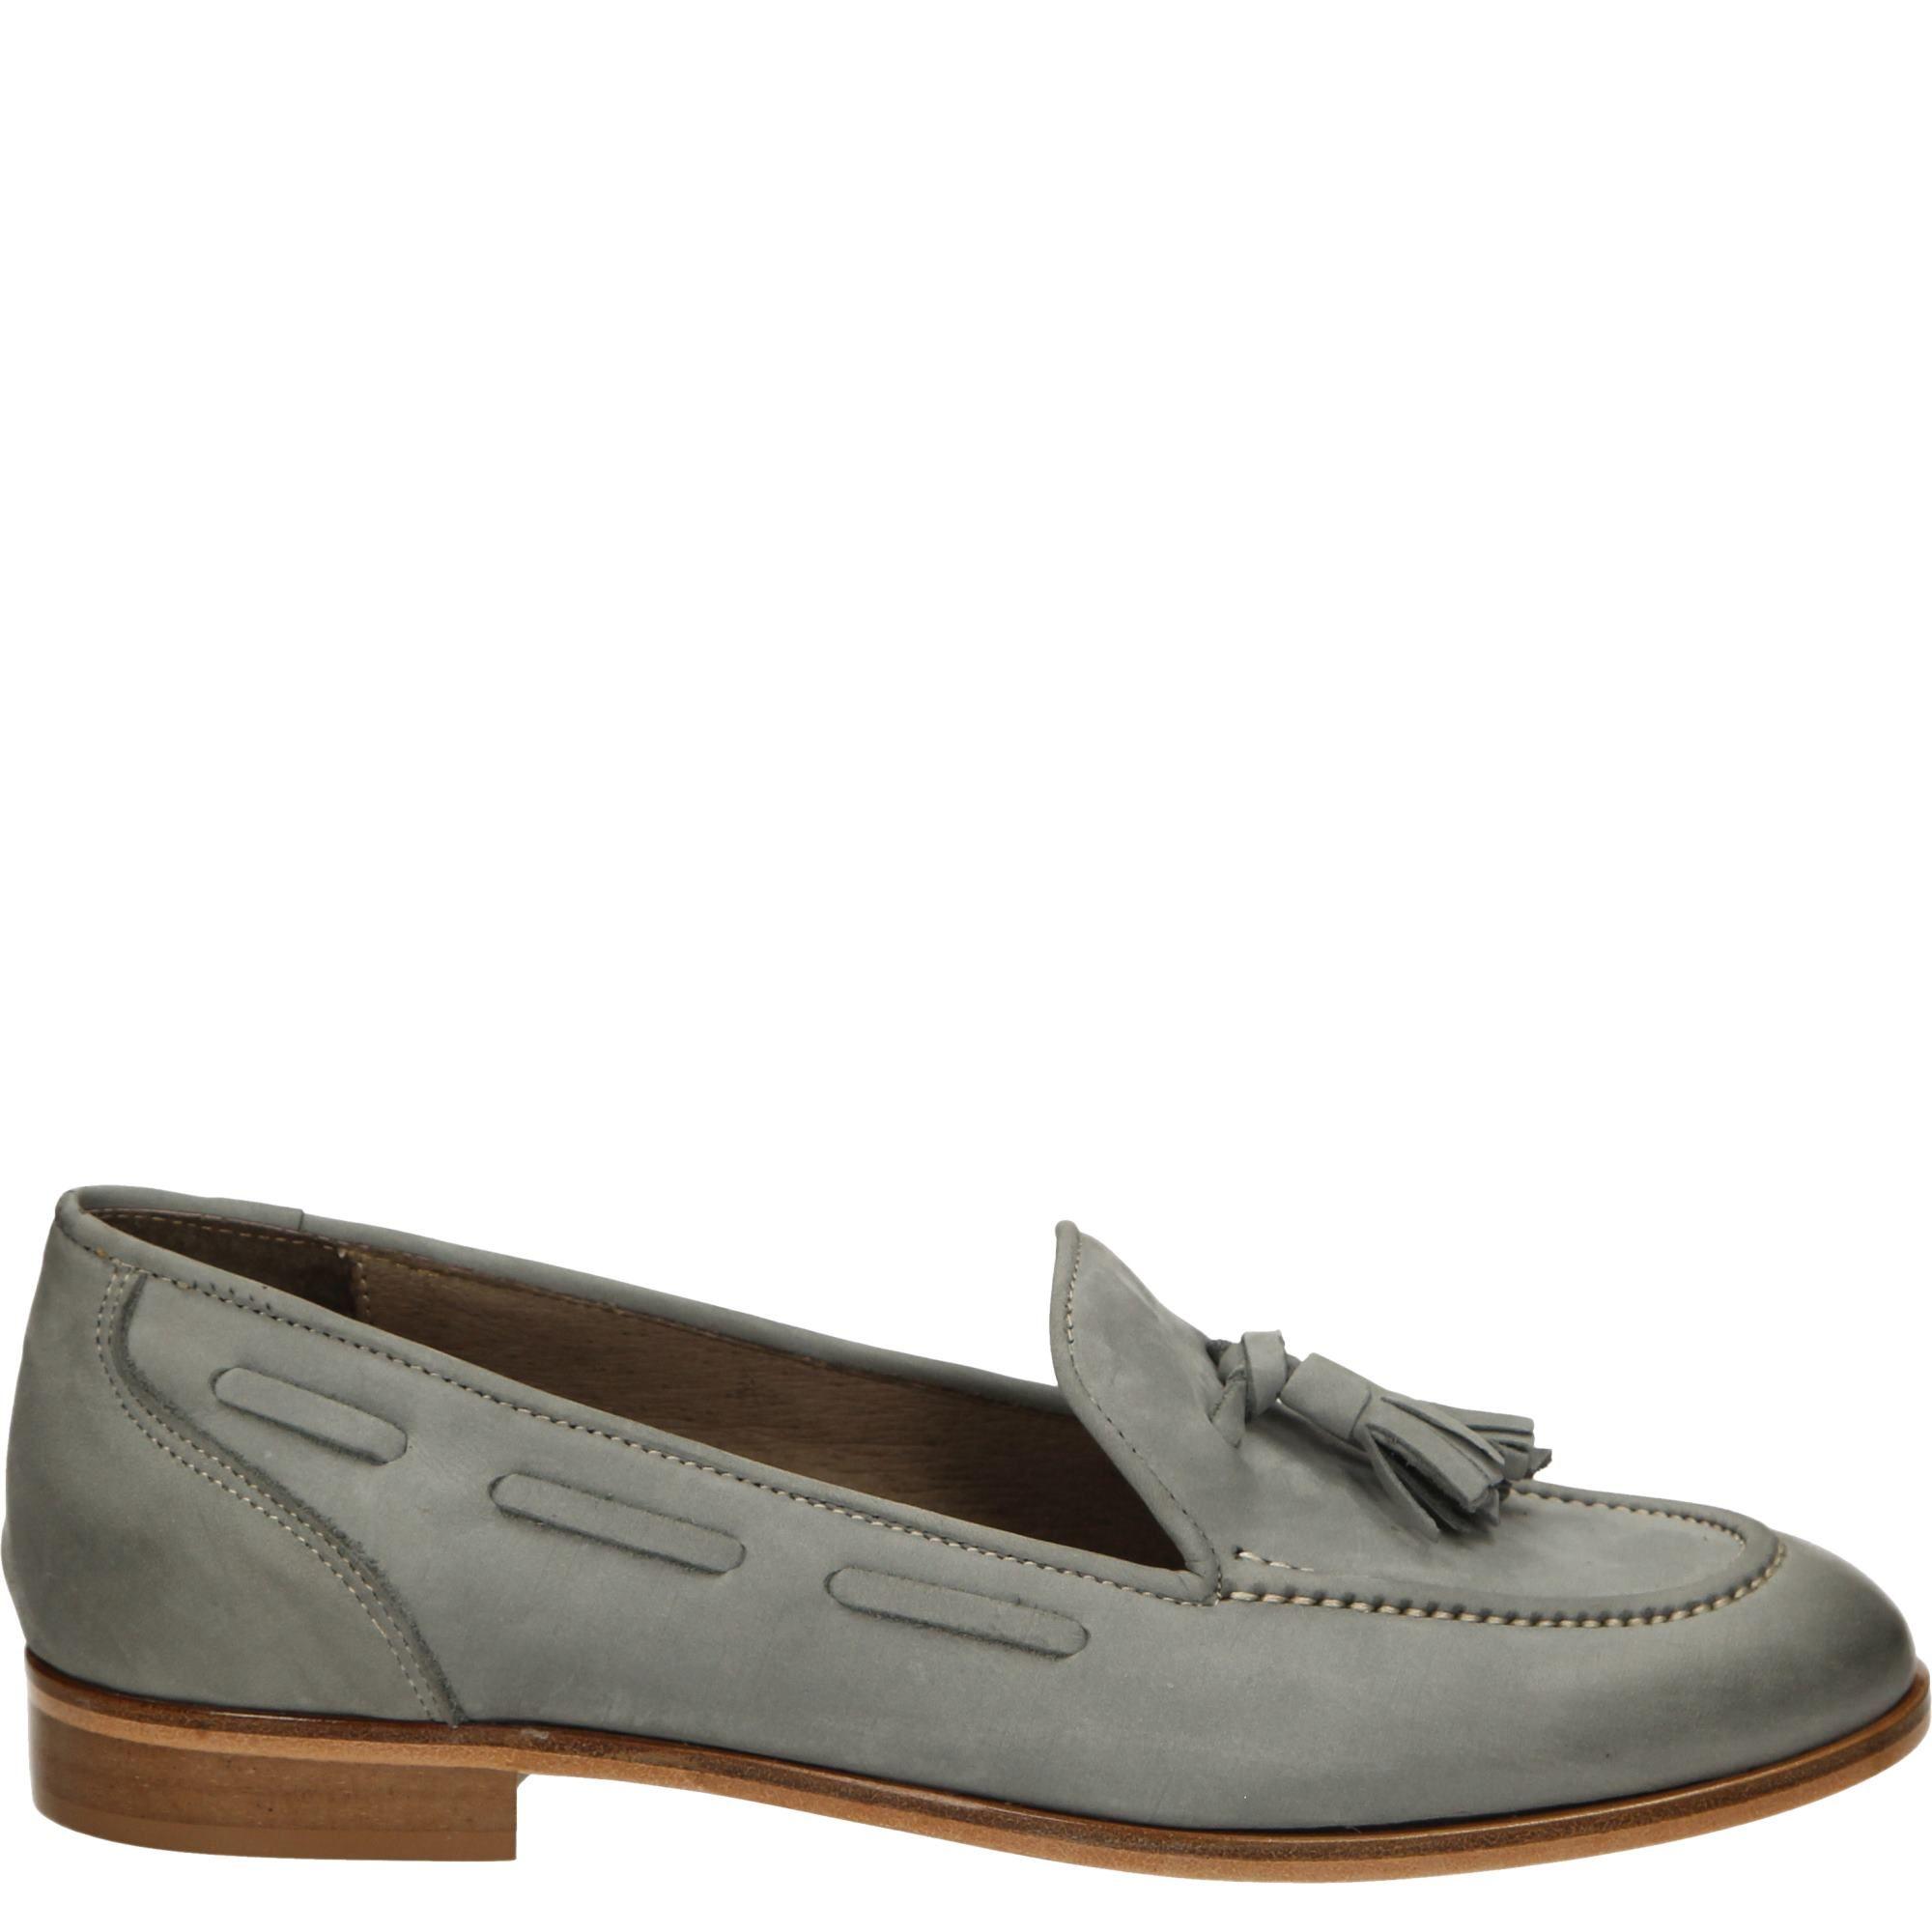 Venezia Firmowy Sklep Online Markowe Buty Online Buty Wloskie Obuwie Damskie Obuwie Meskie Torby Damskie Kurtki Damskie Loafers Shoes Fashion